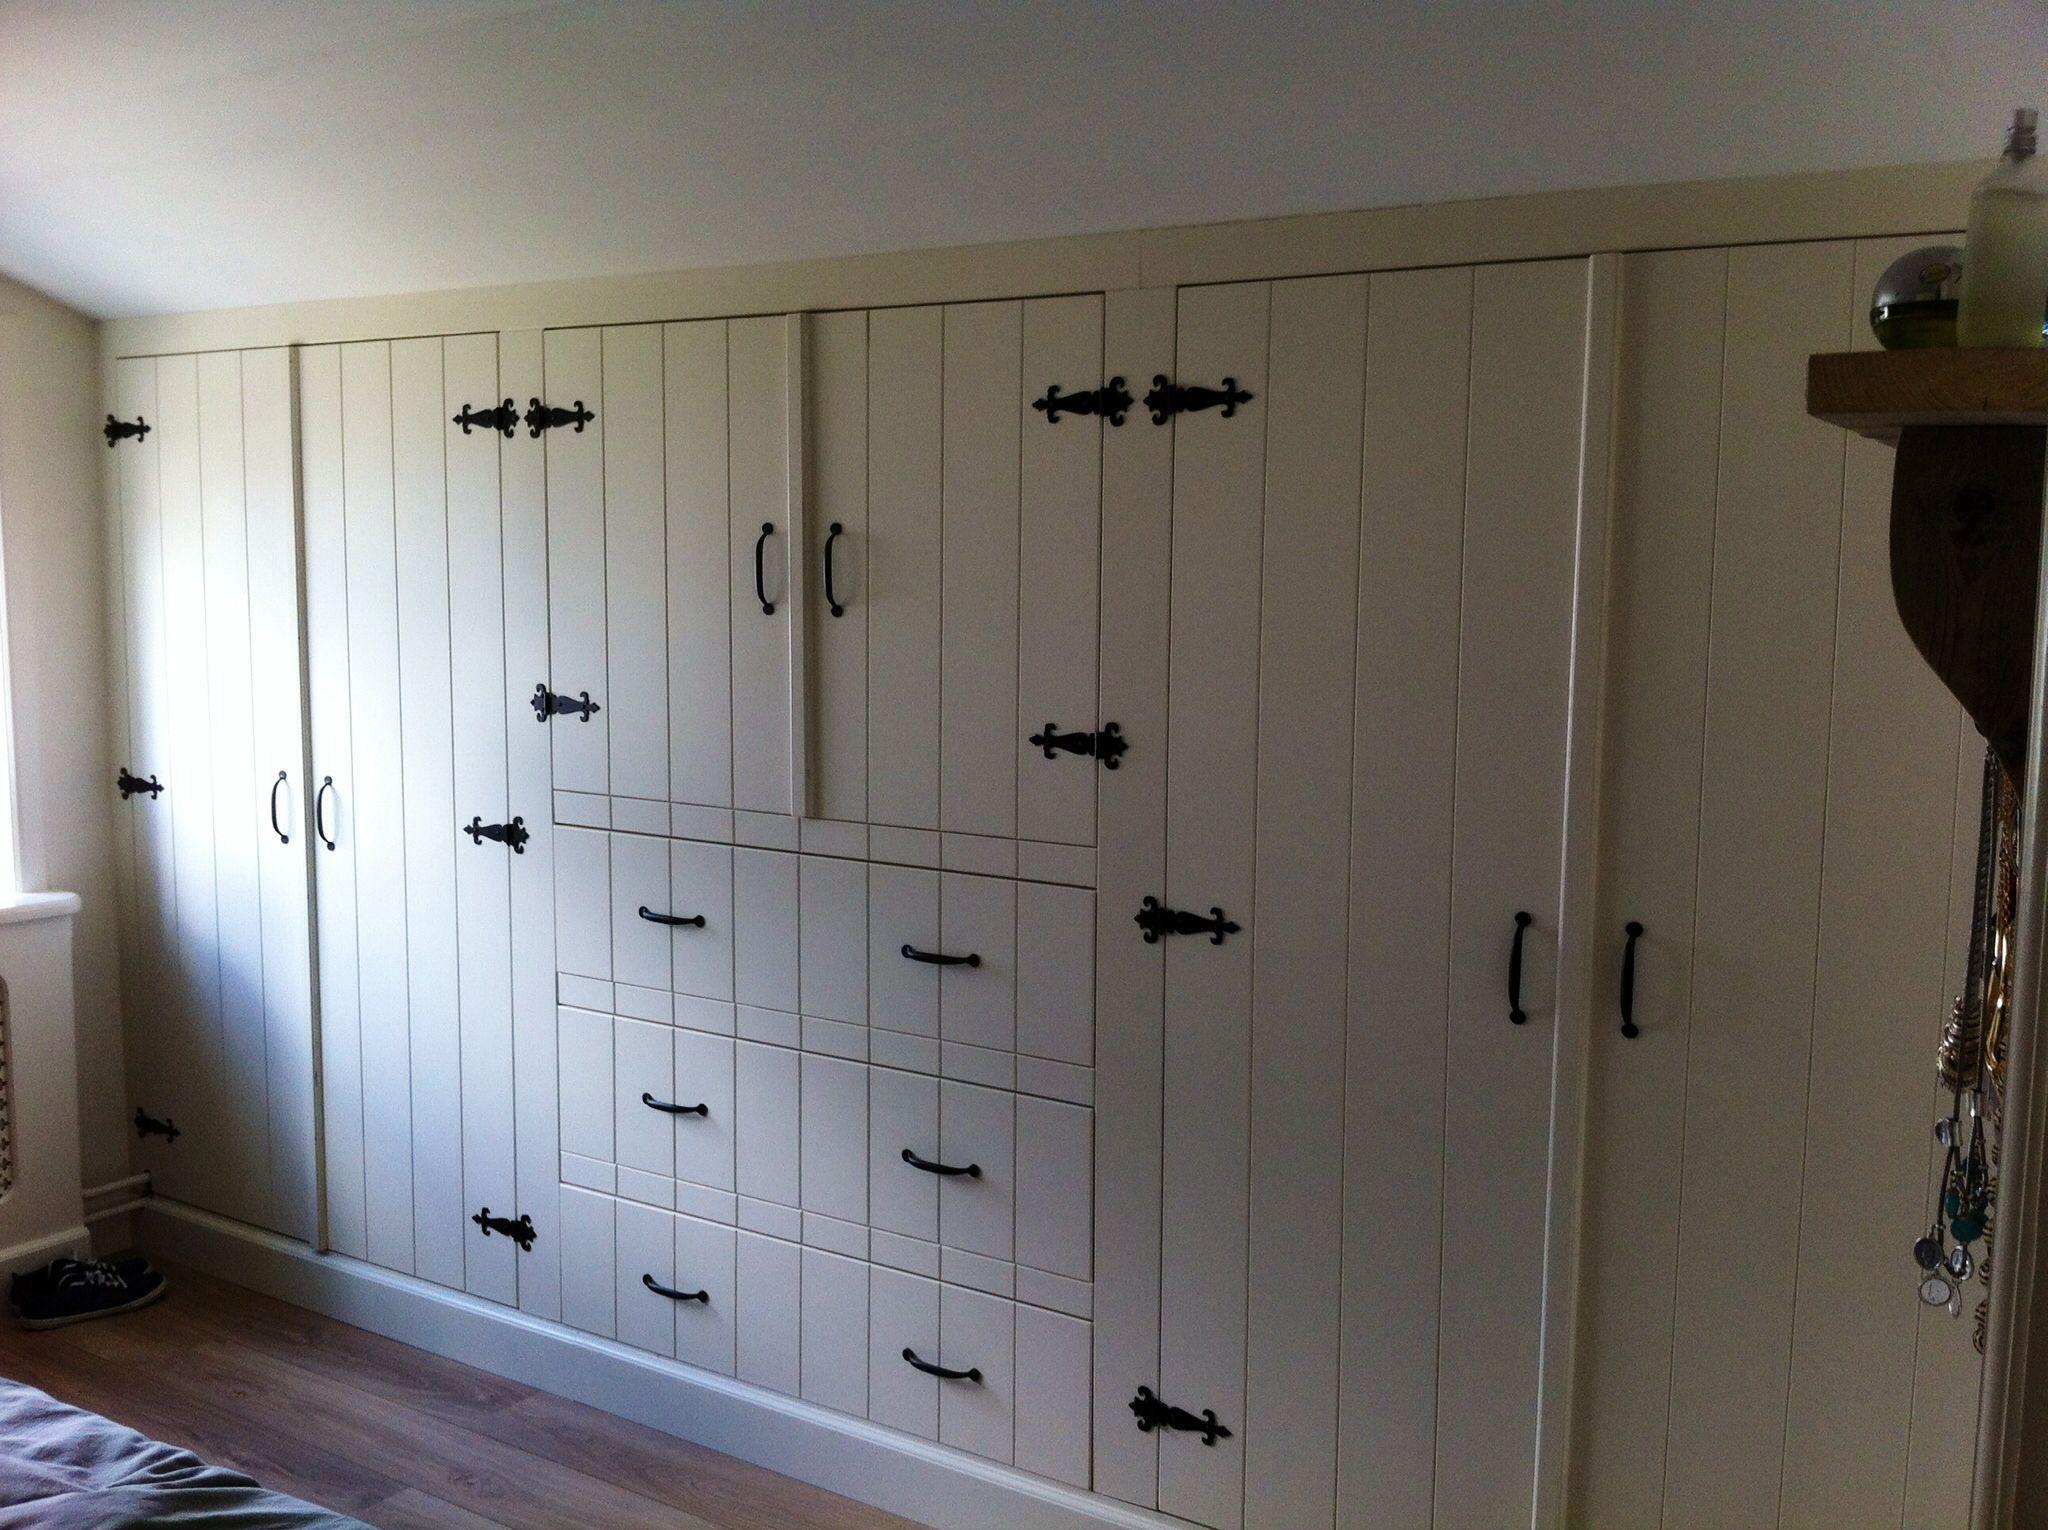 kastenwand slaapkamer landelijk met zwarte gietijzeren scharnieren